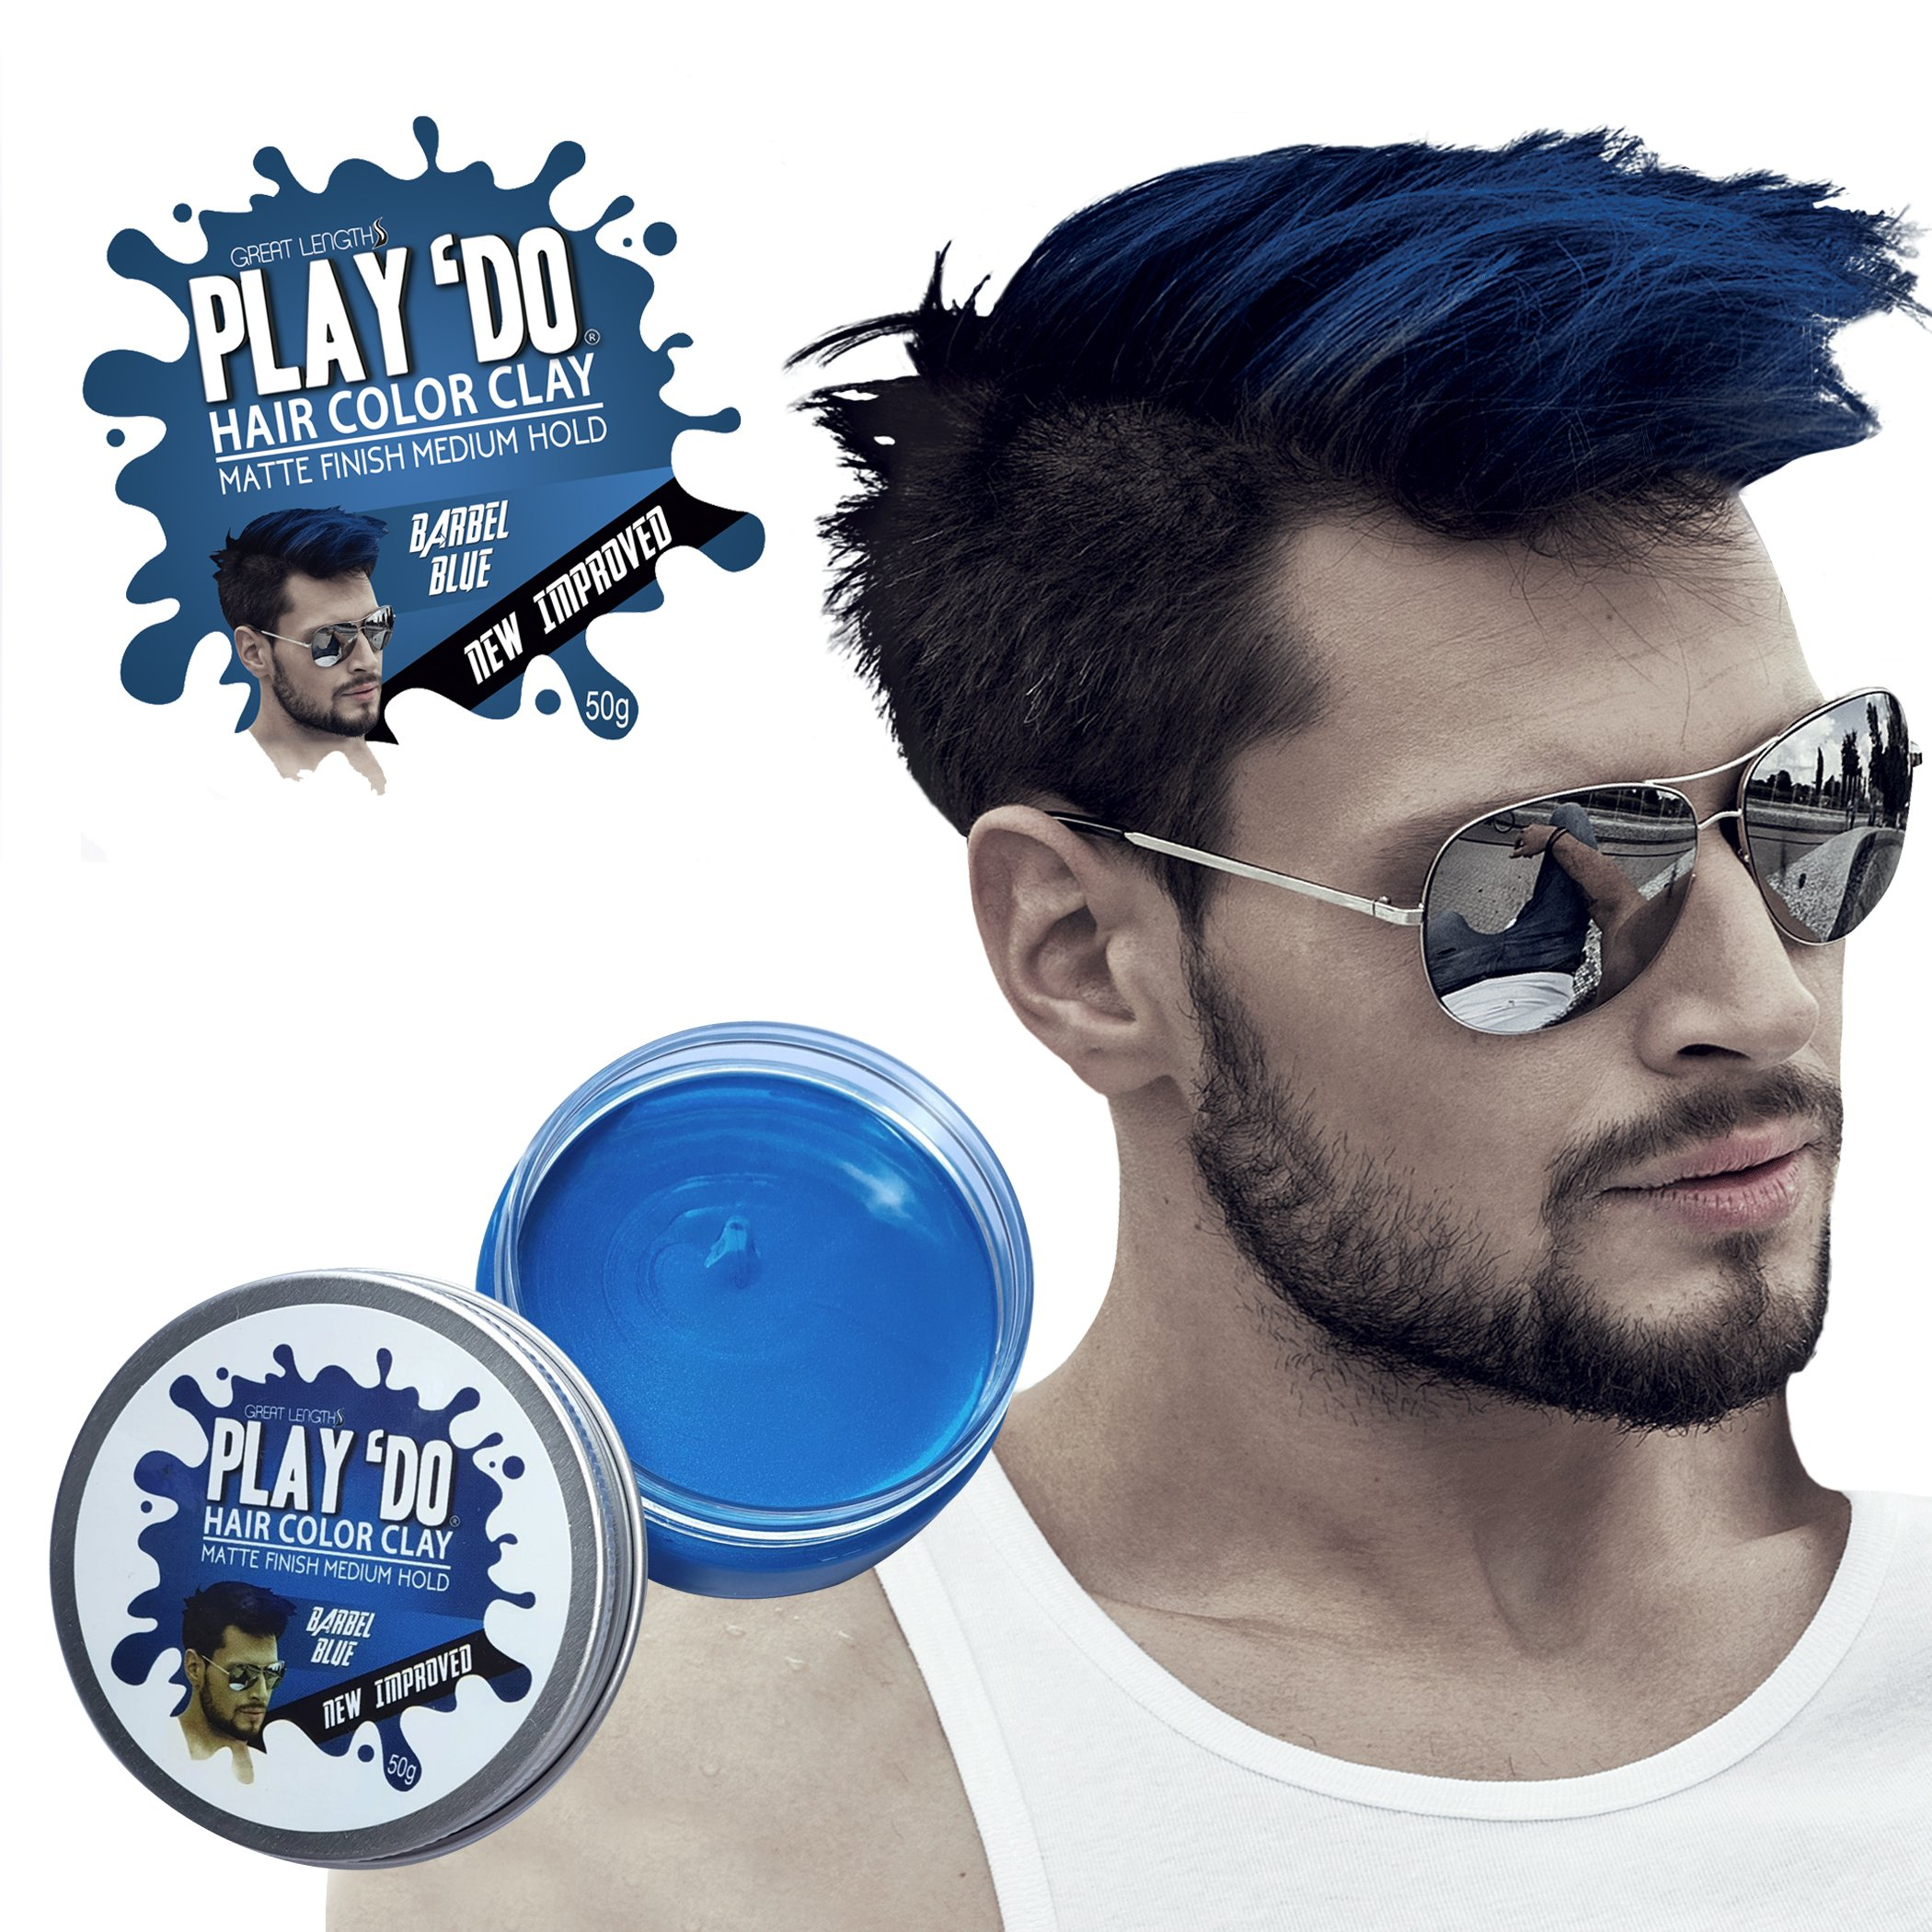 Play 'Do Temporary Hair Color, Hair Wax, Hair Clay, Mens Grooming, Blue hair dye(1.8 ounces) by Great Lengths